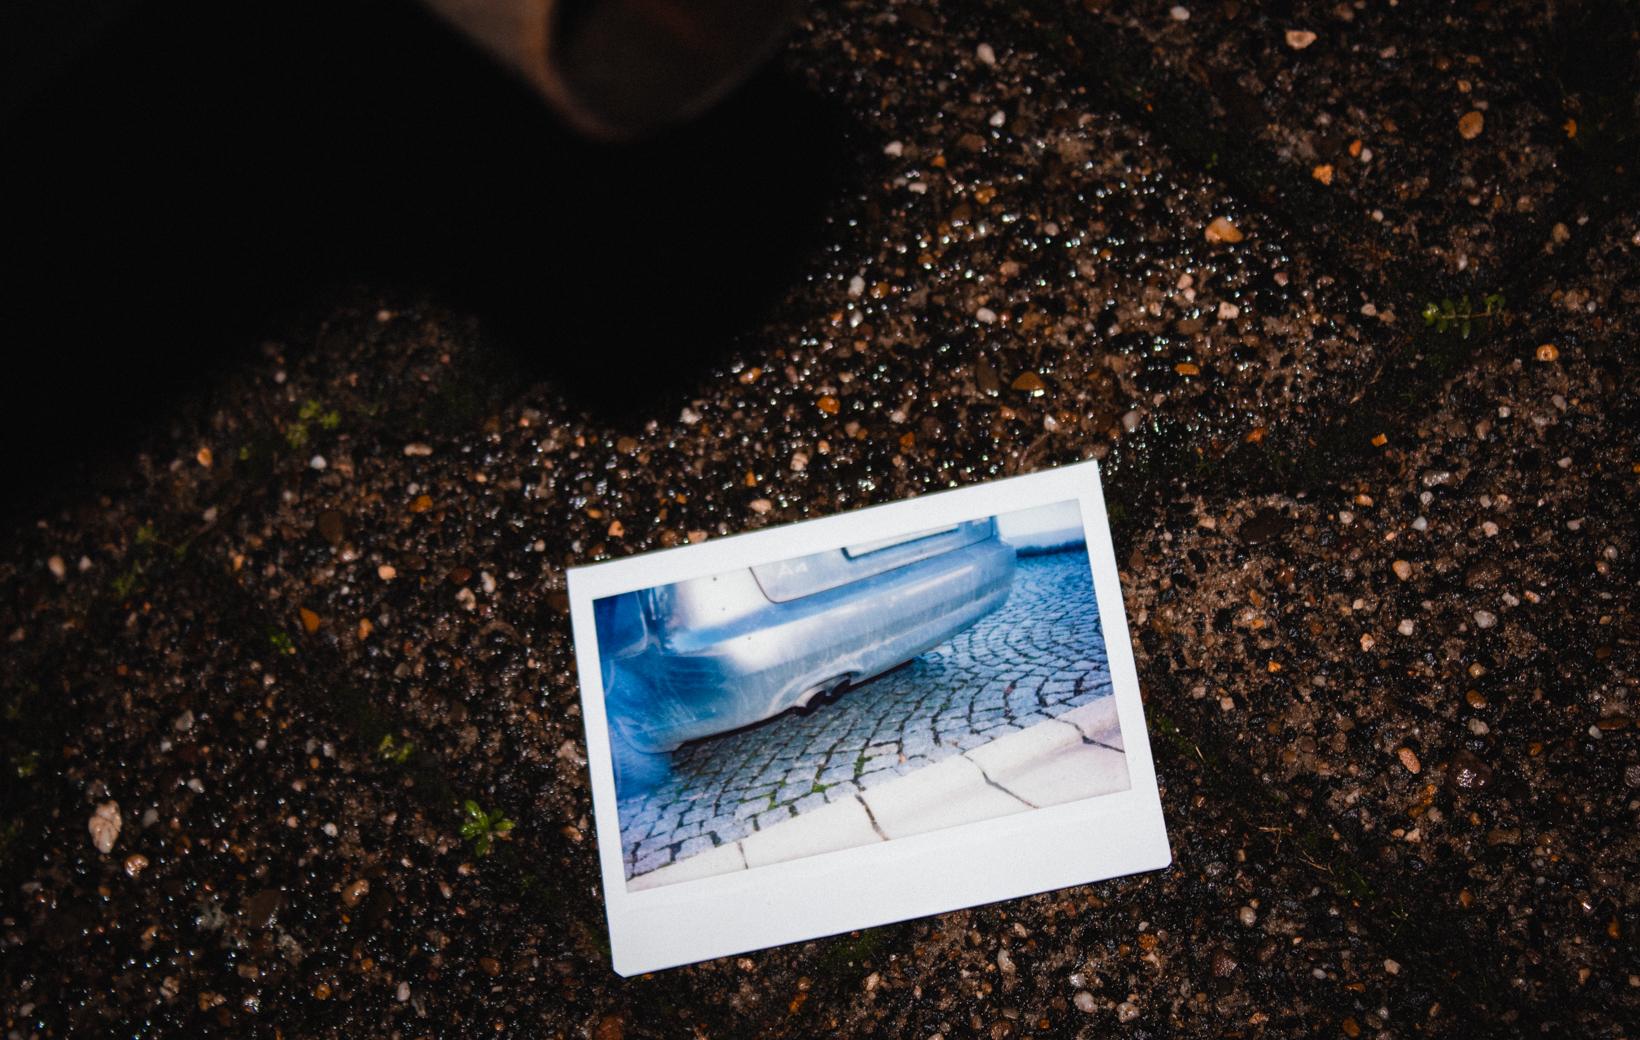 Das Bild zeigt ein Polaroid von einem Auto-Auspuff